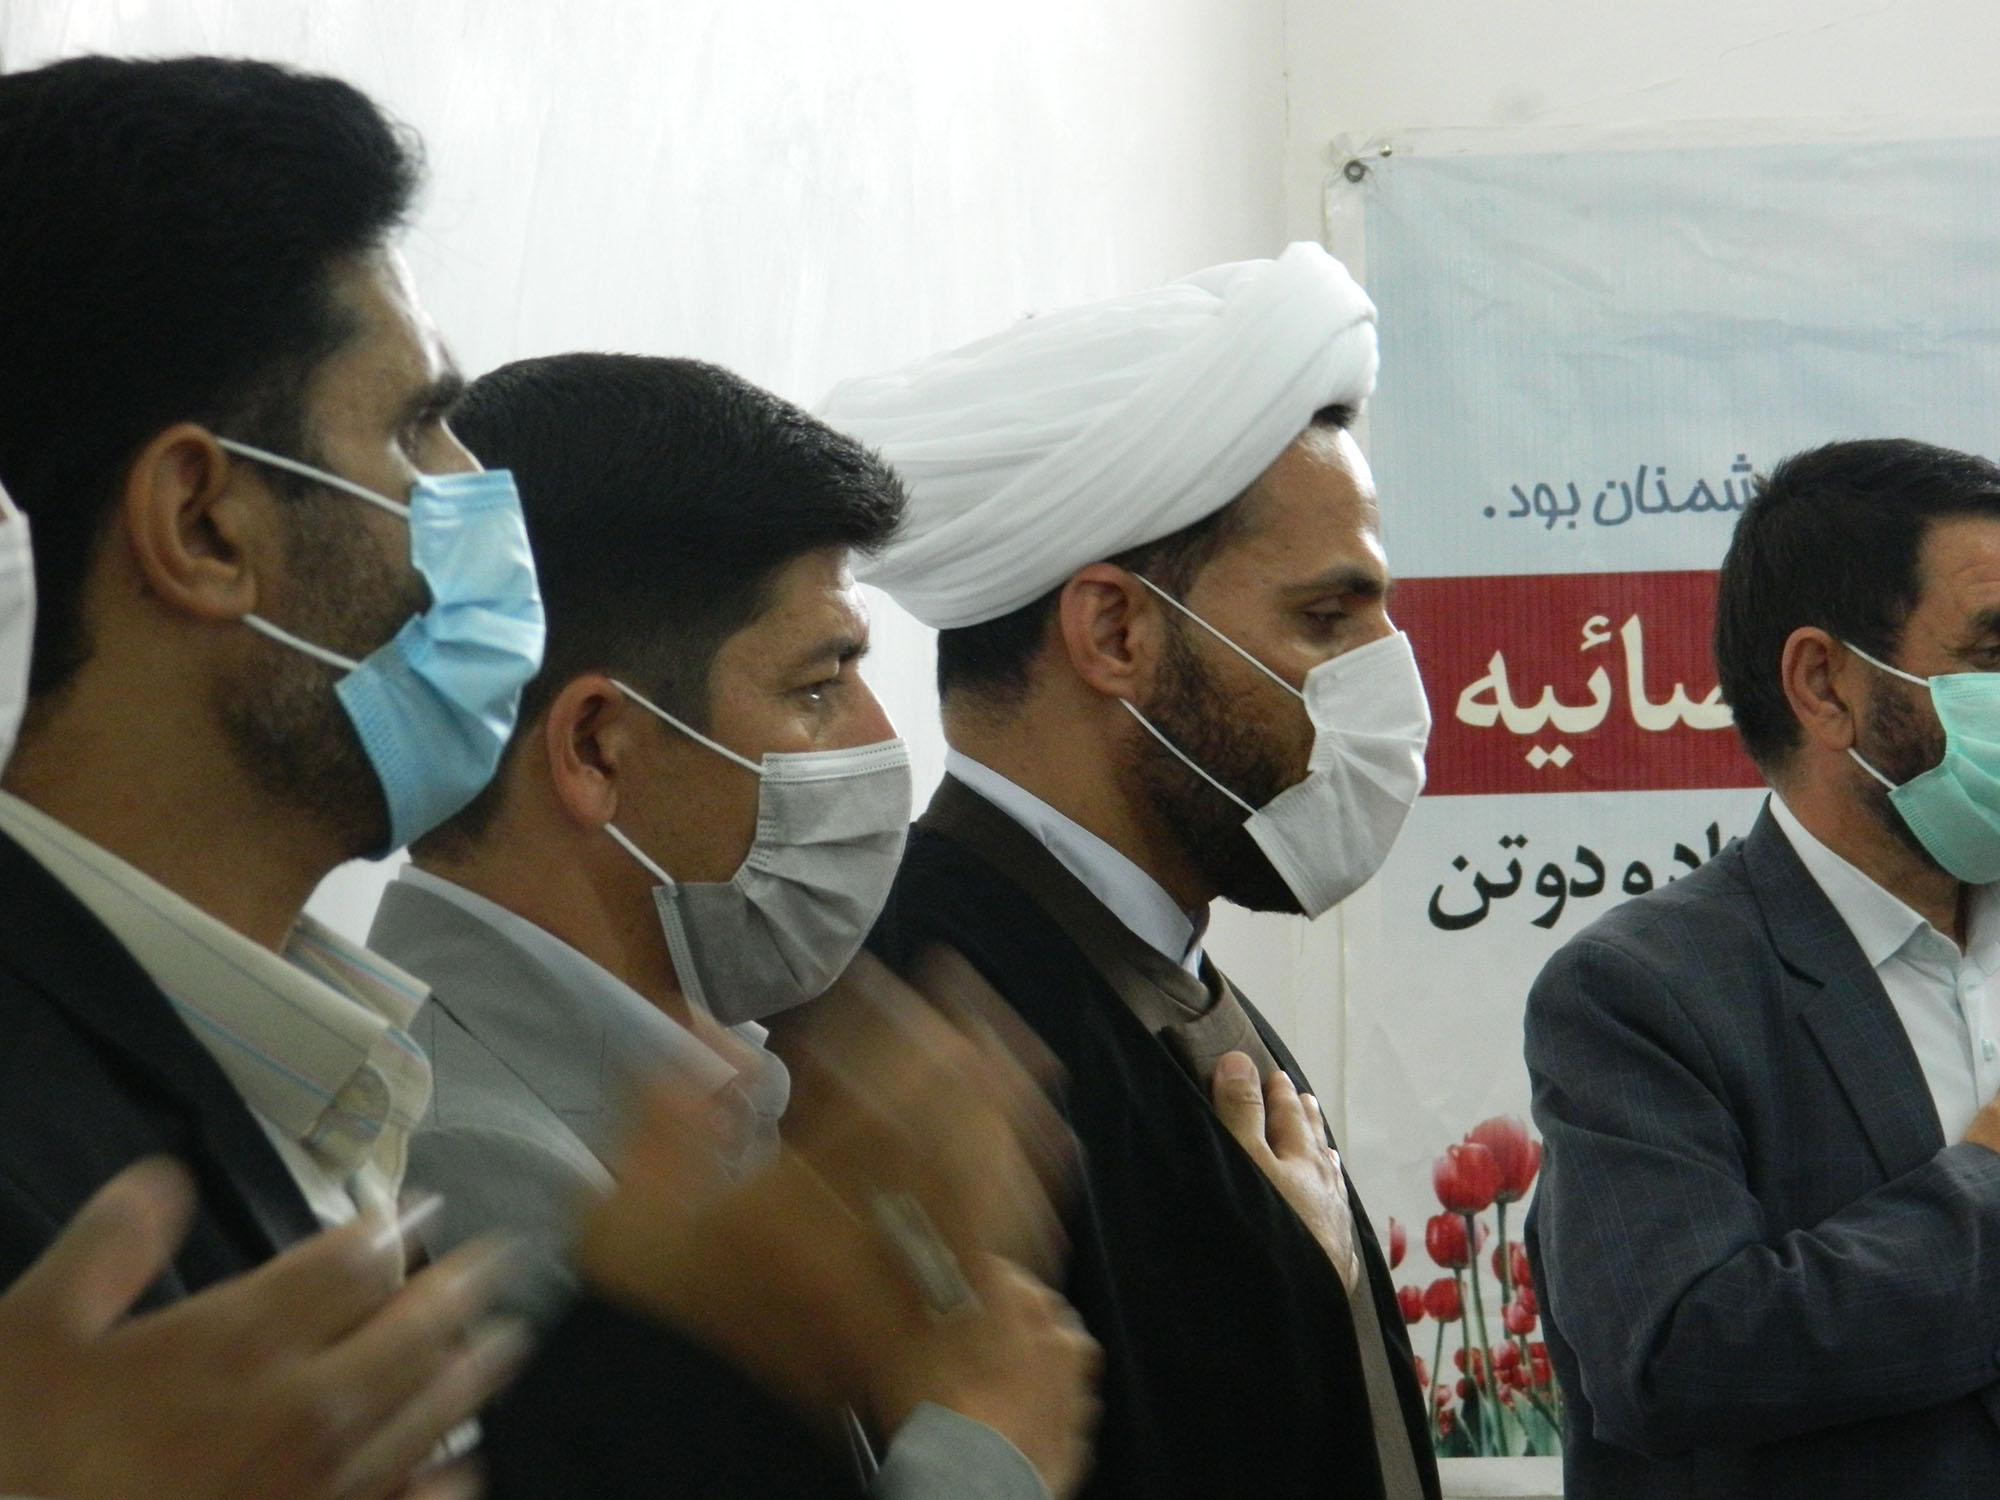 گزارش تصویری:بزرگداشت سالگرد هفتم تیرماه وگرامیداشت  هفته قوه قضاییه  در  شهر کوهنانی